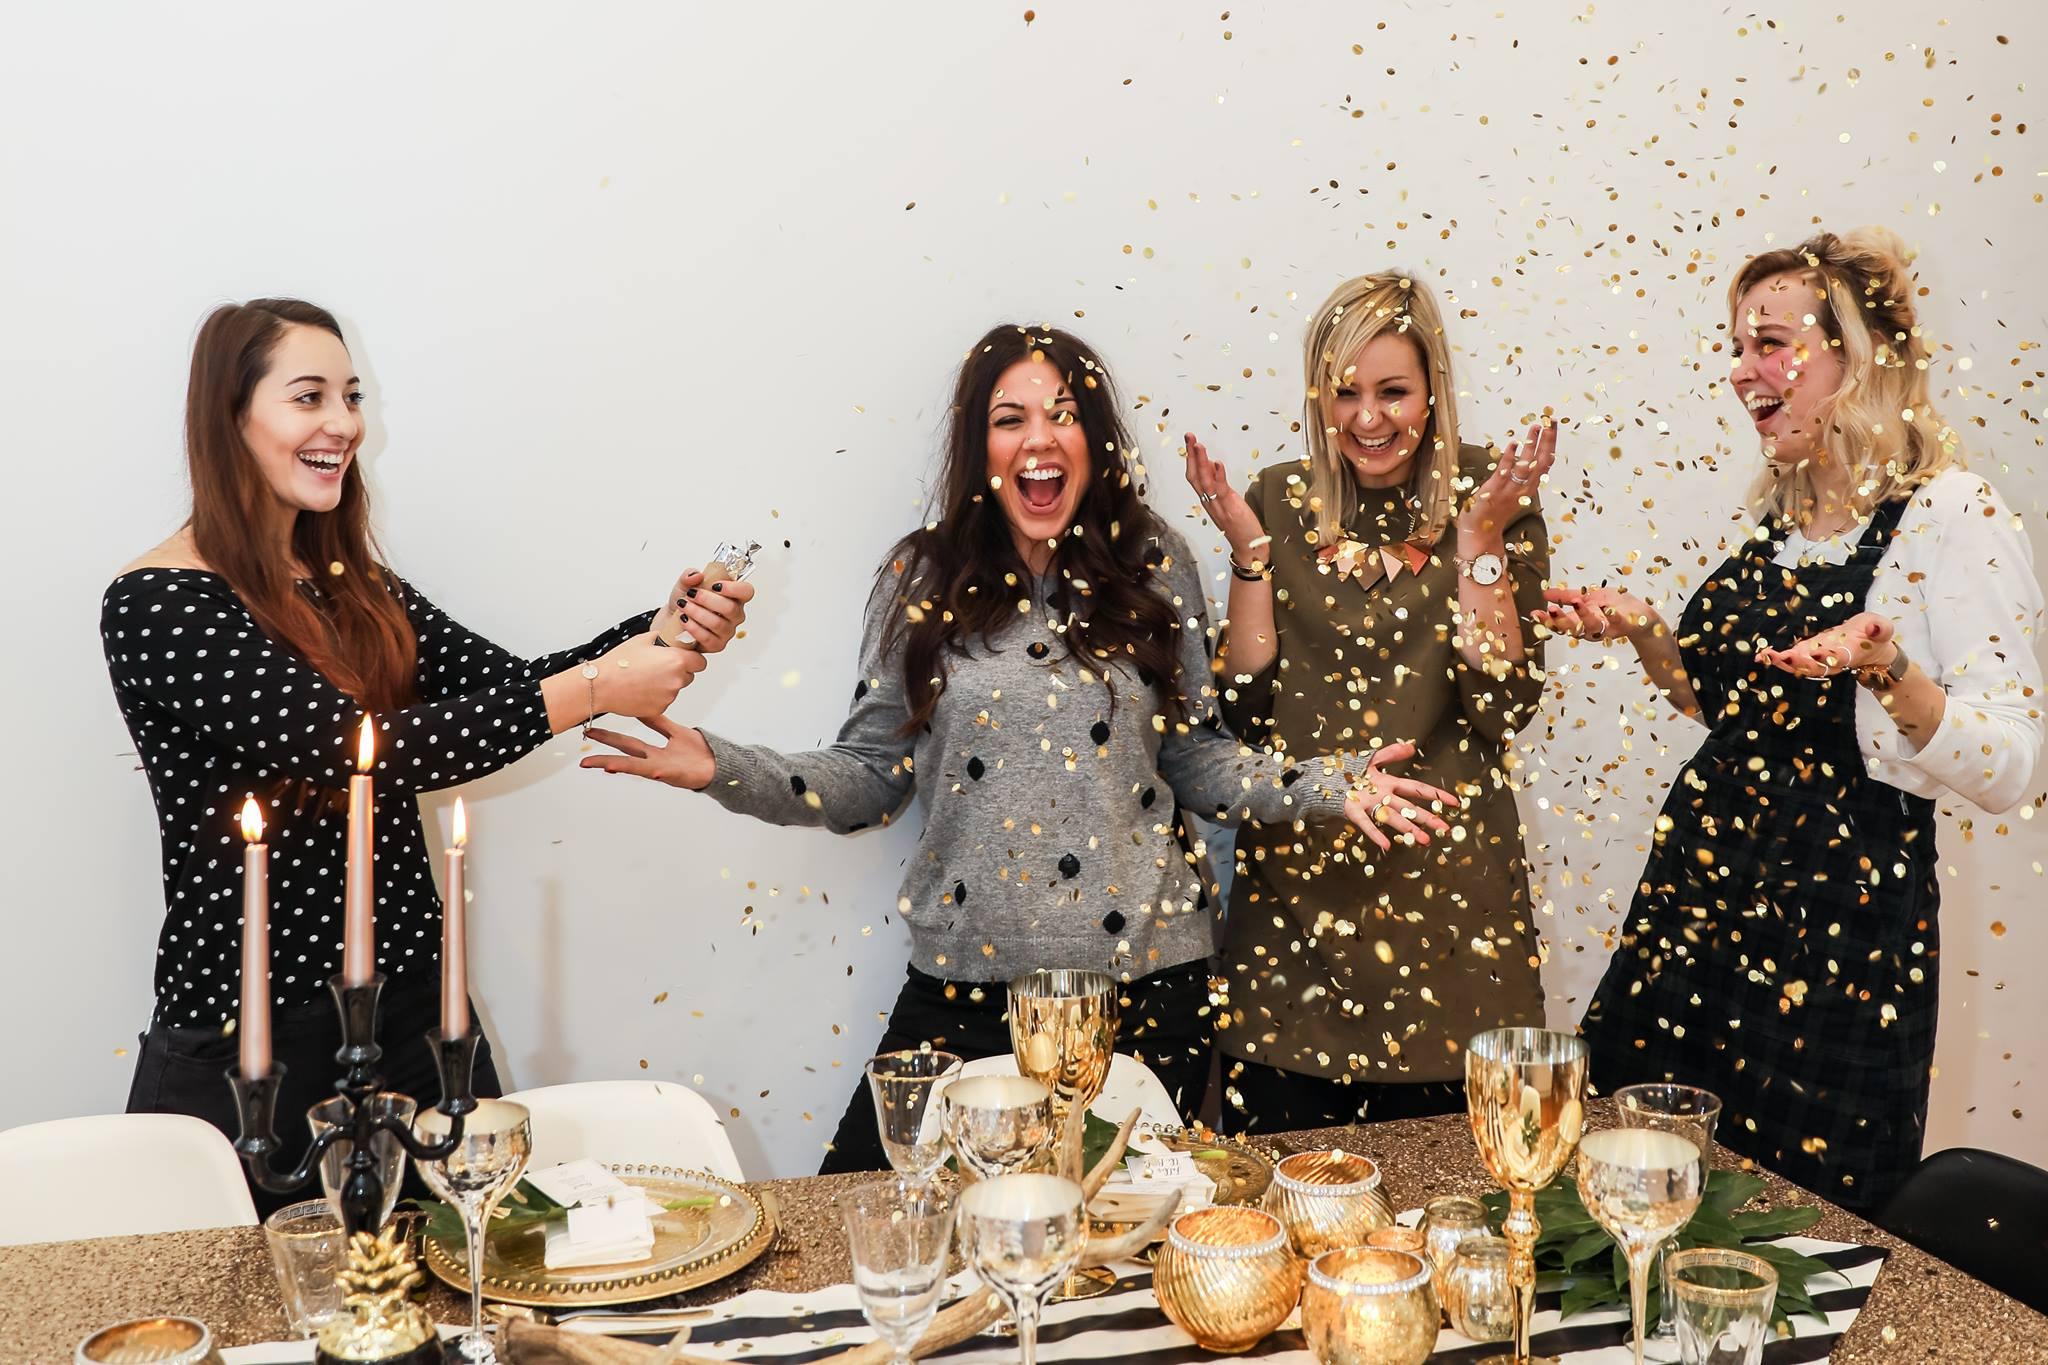 gold confetti,confetti cannon,course celebration,end of the day celebration,